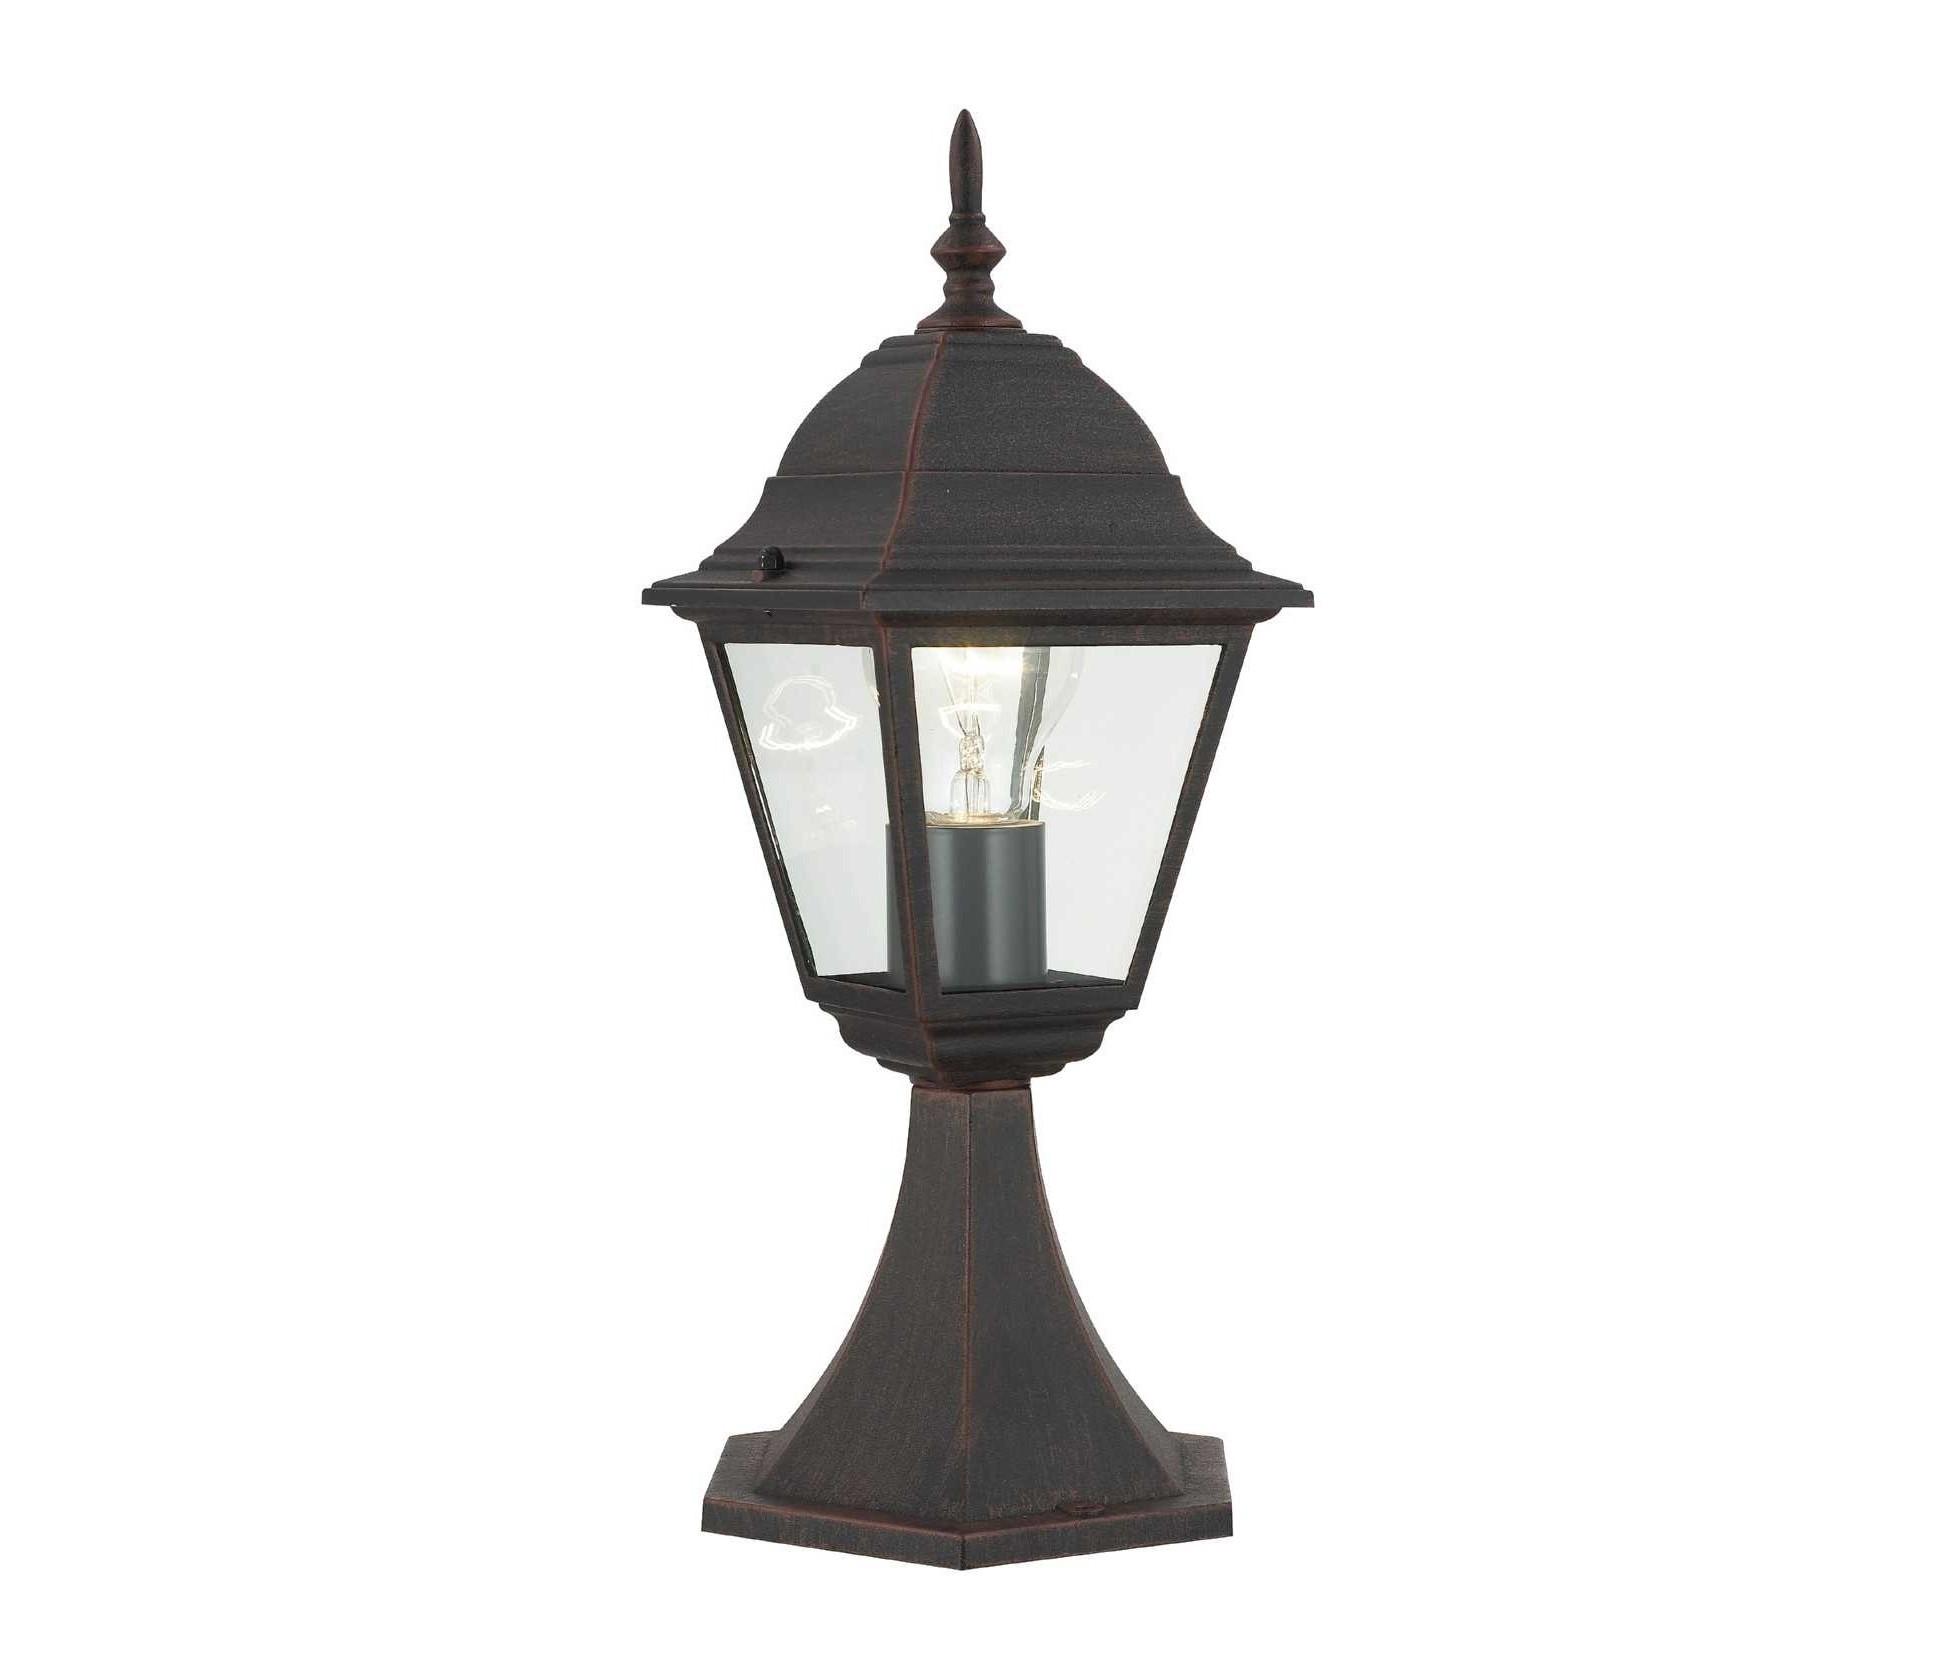 Светильник уличный NEWPORTУличные наземные светильники<br>&amp;lt;div&amp;gt;Тип цоколя: E27&amp;lt;/div&amp;gt;&amp;lt;div&amp;gt;Мощность лампы: 60W&amp;lt;/div&amp;gt;&amp;lt;div&amp;gt;Количество ламп: 1&amp;lt;/div&amp;gt;&amp;lt;div&amp;gt;Наличие ламп: нет&amp;lt;/div&amp;gt;<br><br>Material: Металл<br>Высота см: 41